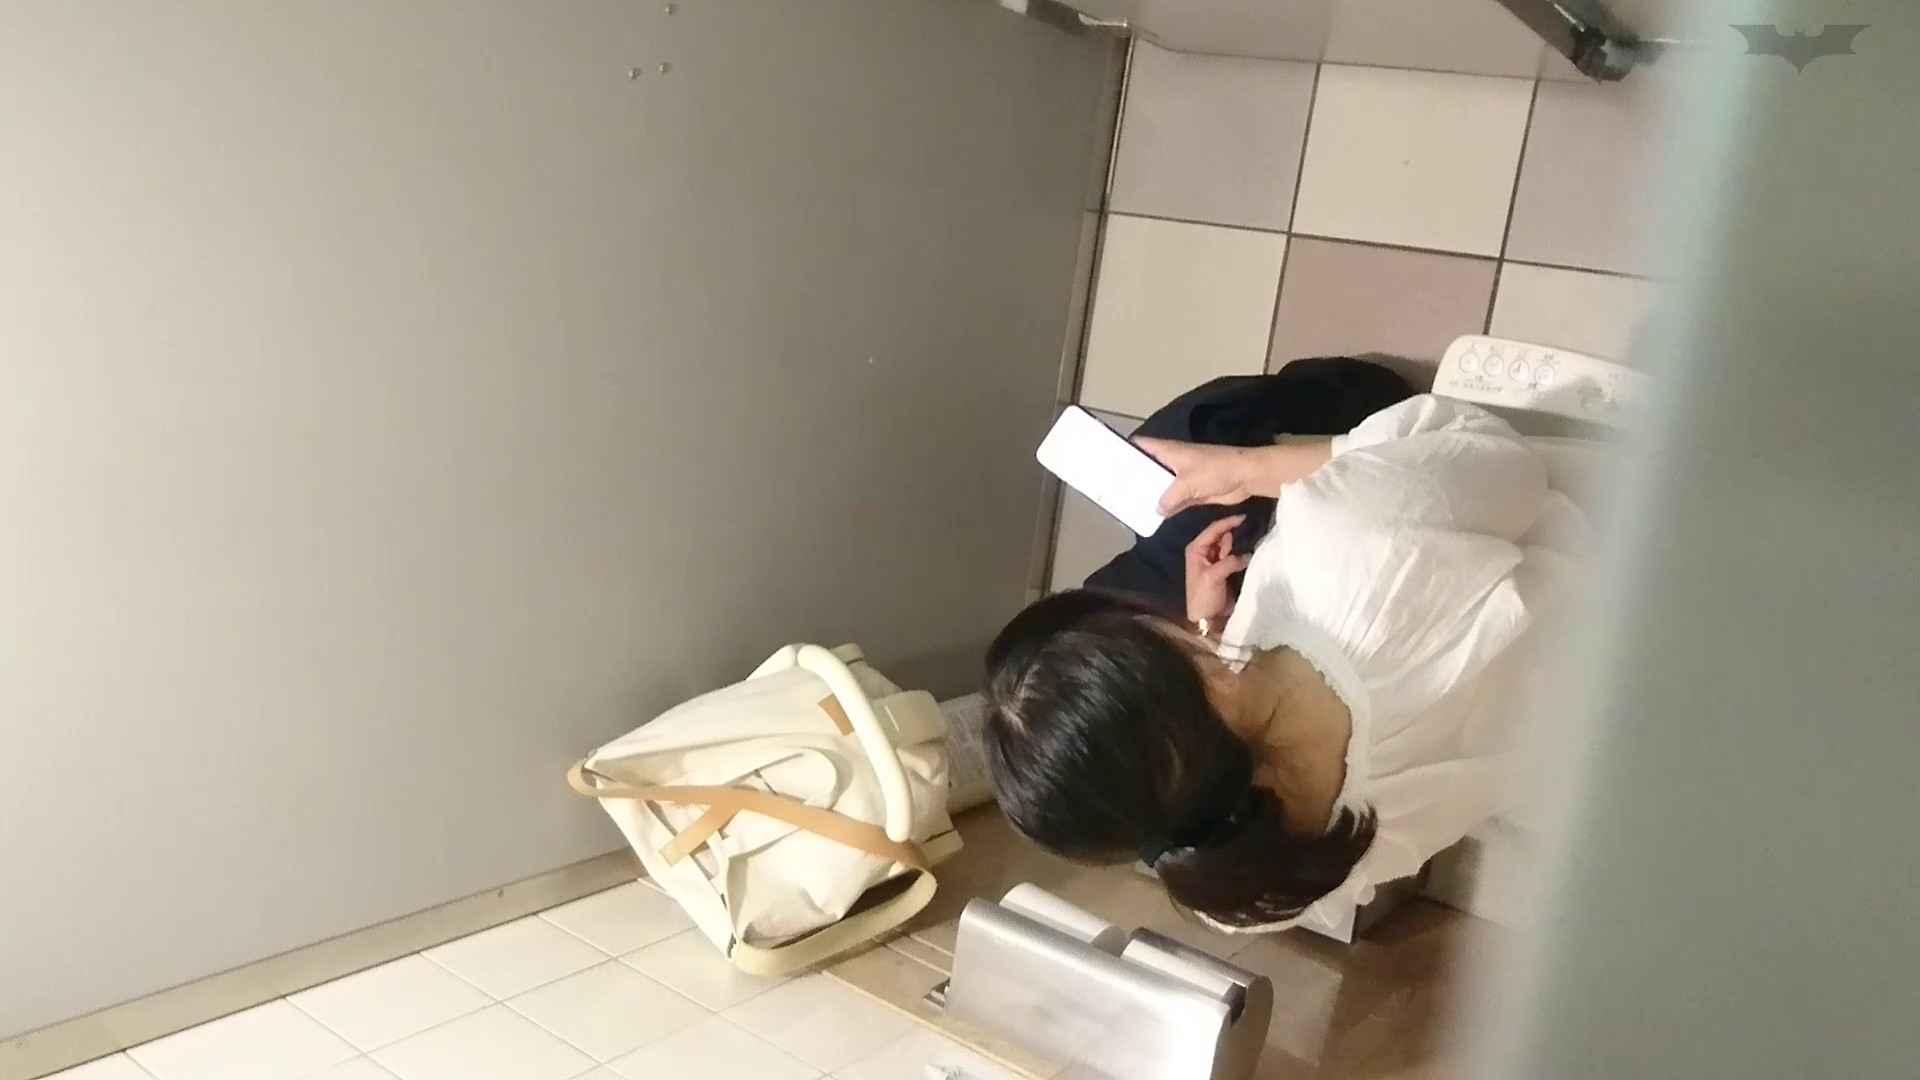 化粧室絵巻 ショッピングモール編 VOL.22 OL  95pic 21